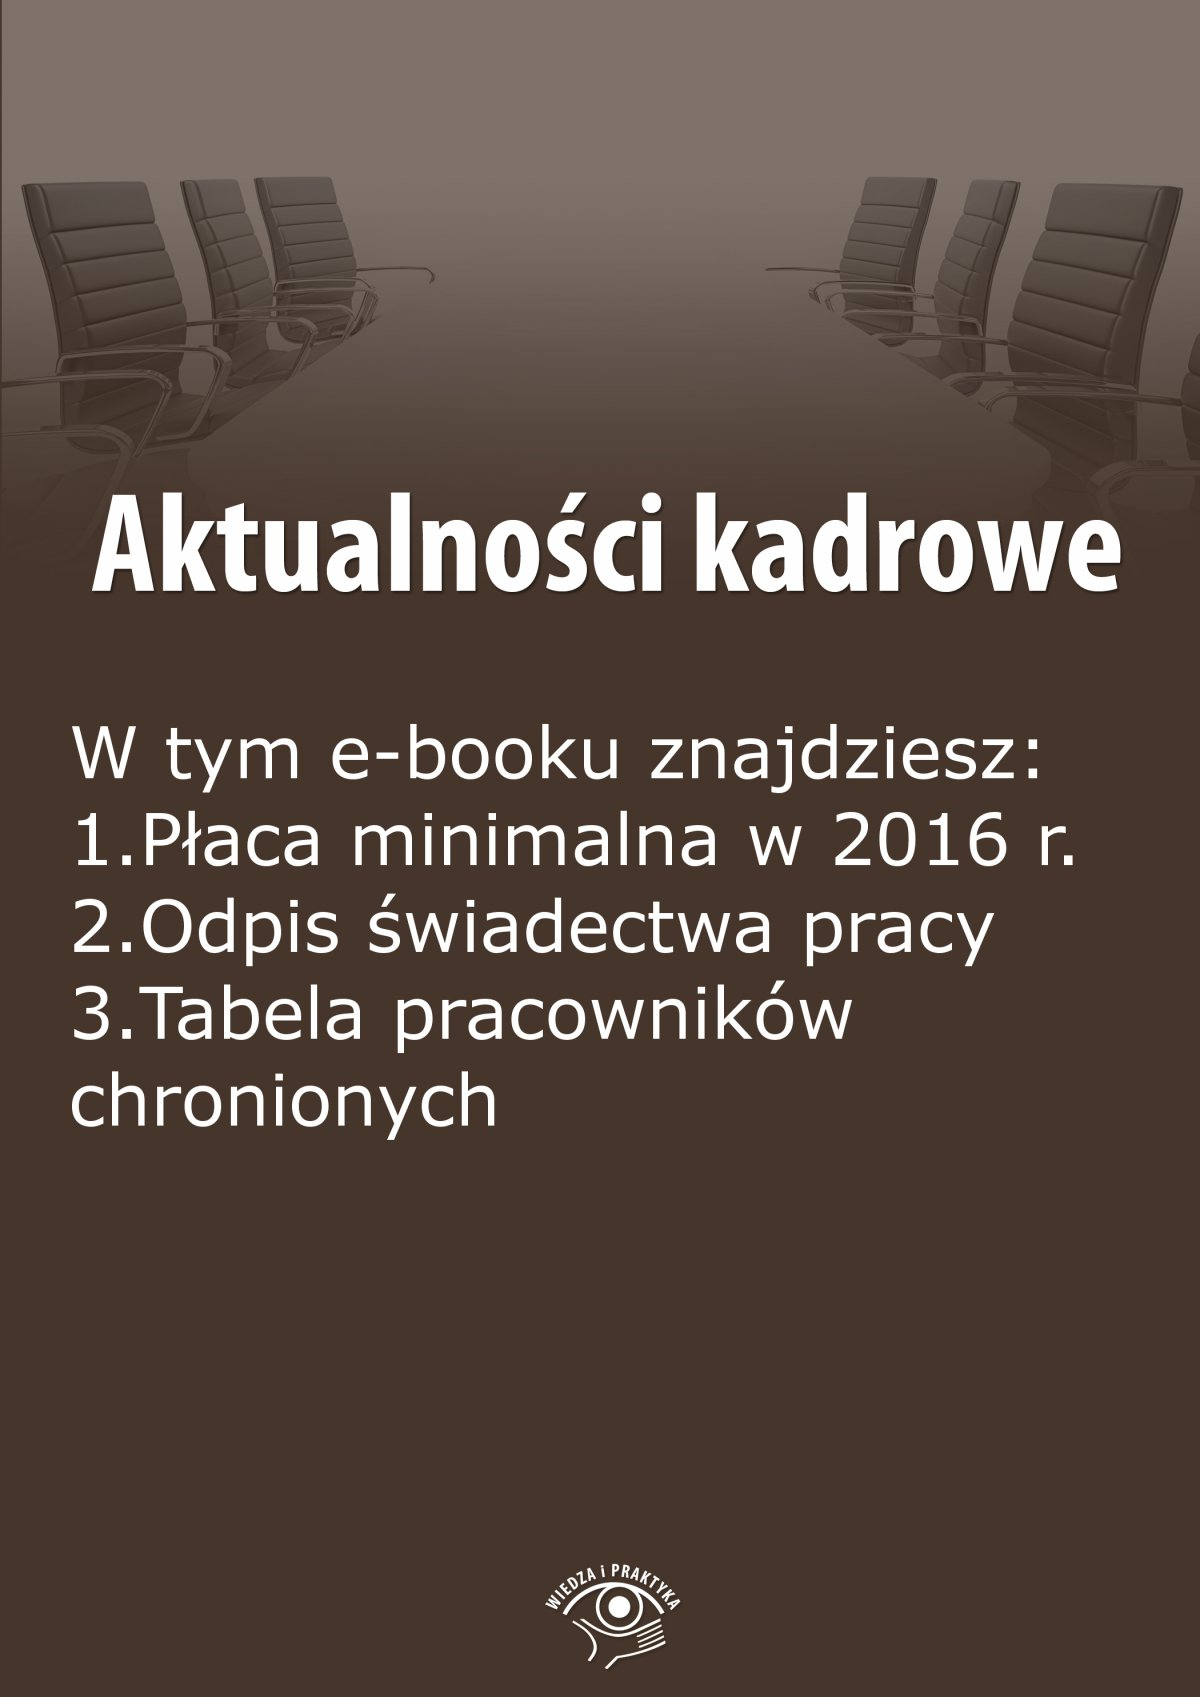 Aktualności kadrowe, wydanie październik 2015 r. - Ebook (Książka EPUB) do pobrania w formacie EPUB